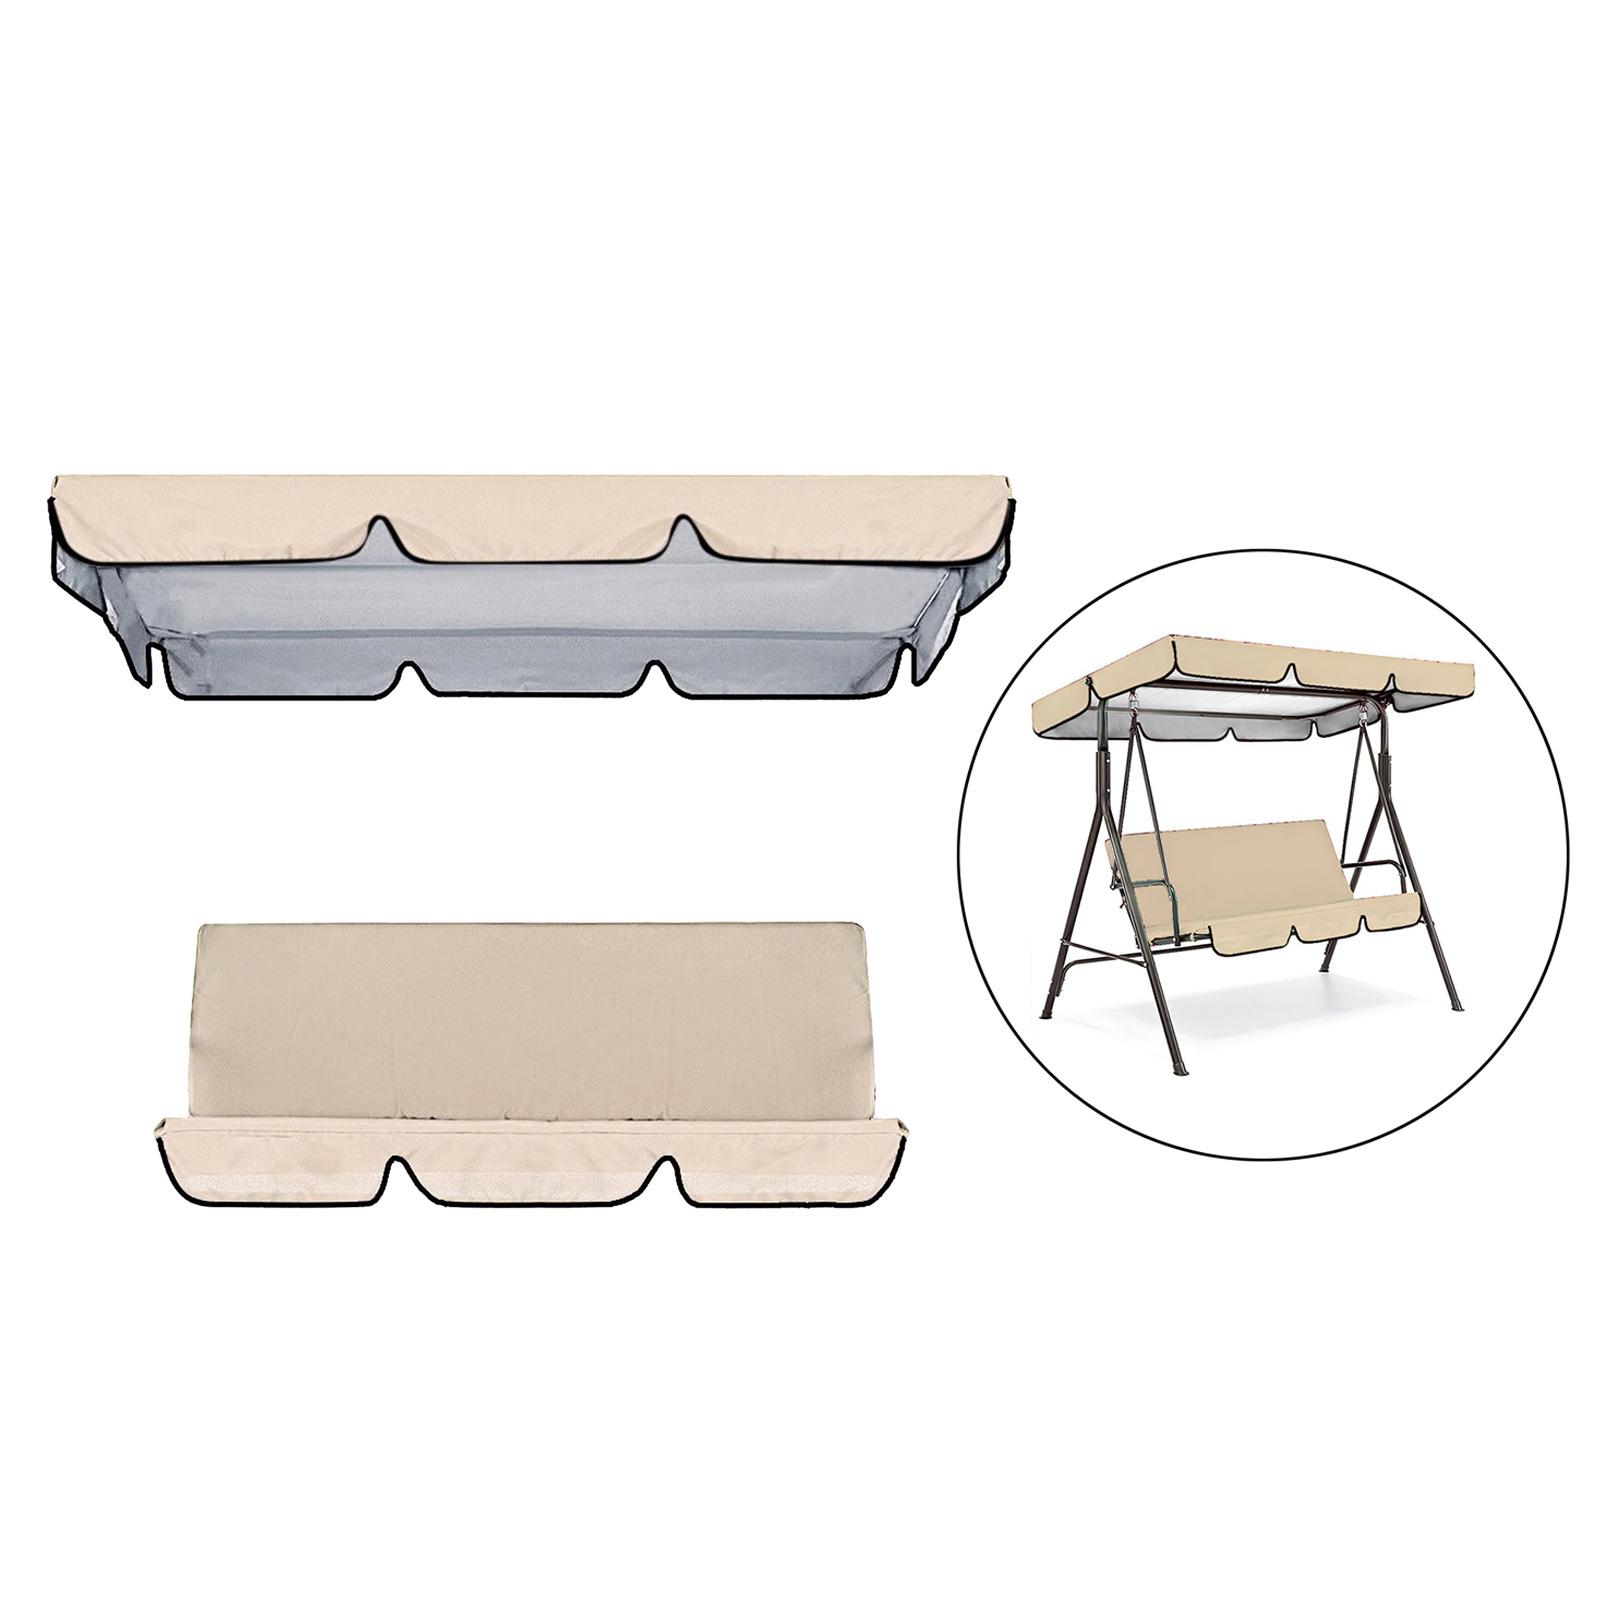 miniatura 28 - Sostituzione della copertura della sedia a dondolo da esterno per patio,